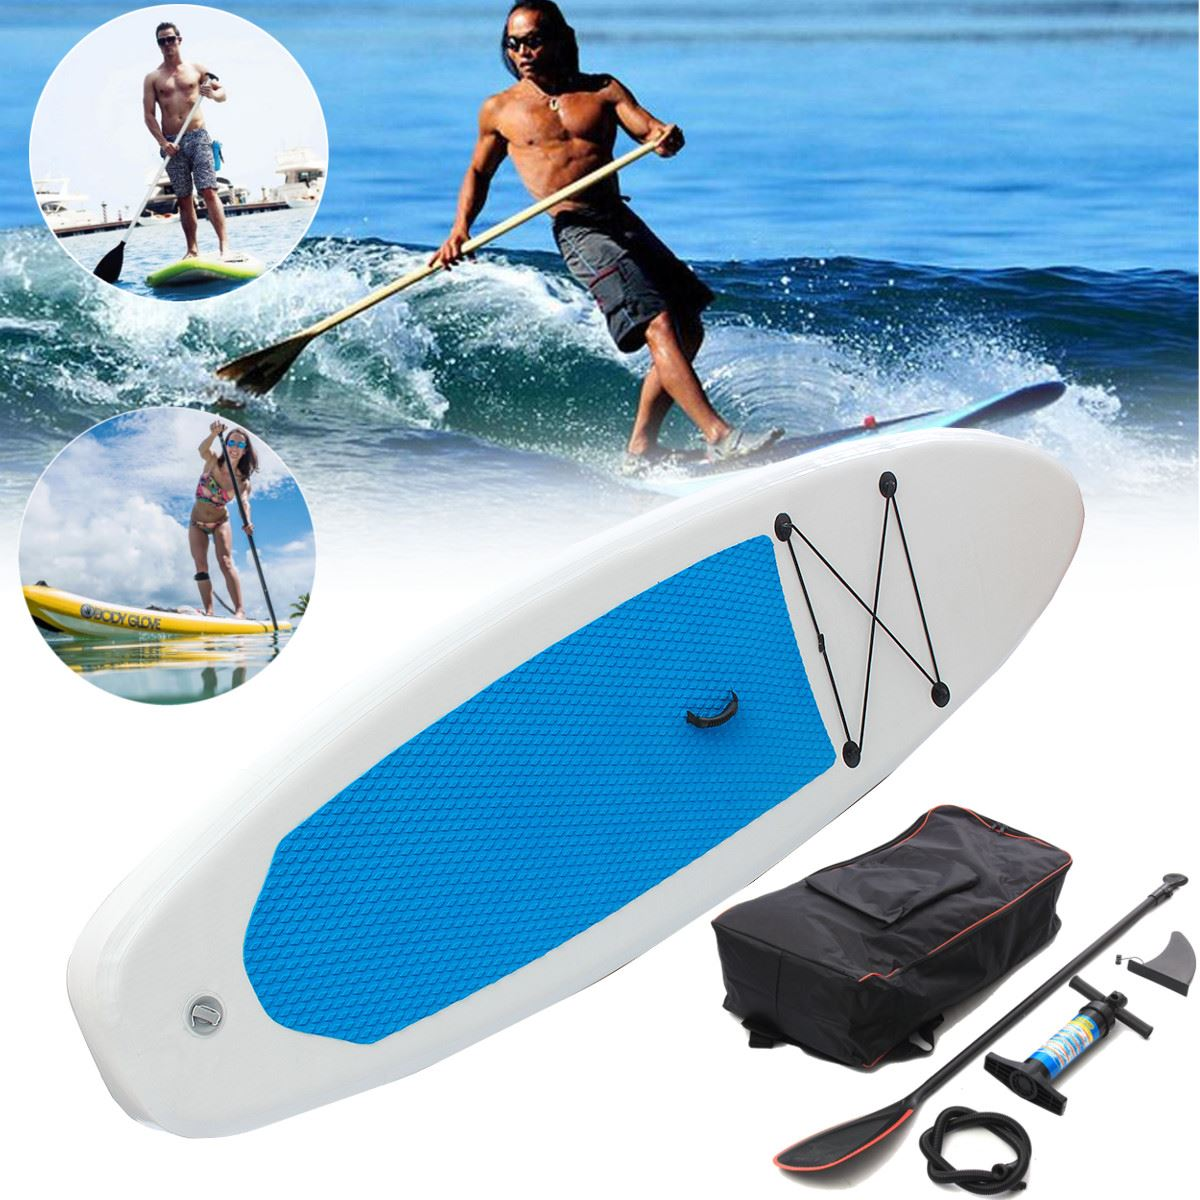 Gofun 122x27x4 Pouces Stand Up Paddle Planche De Surf Gonflable Conseil SUP Ensemble Wave Rider + Pompe gonflable planche de surf paddle bateau